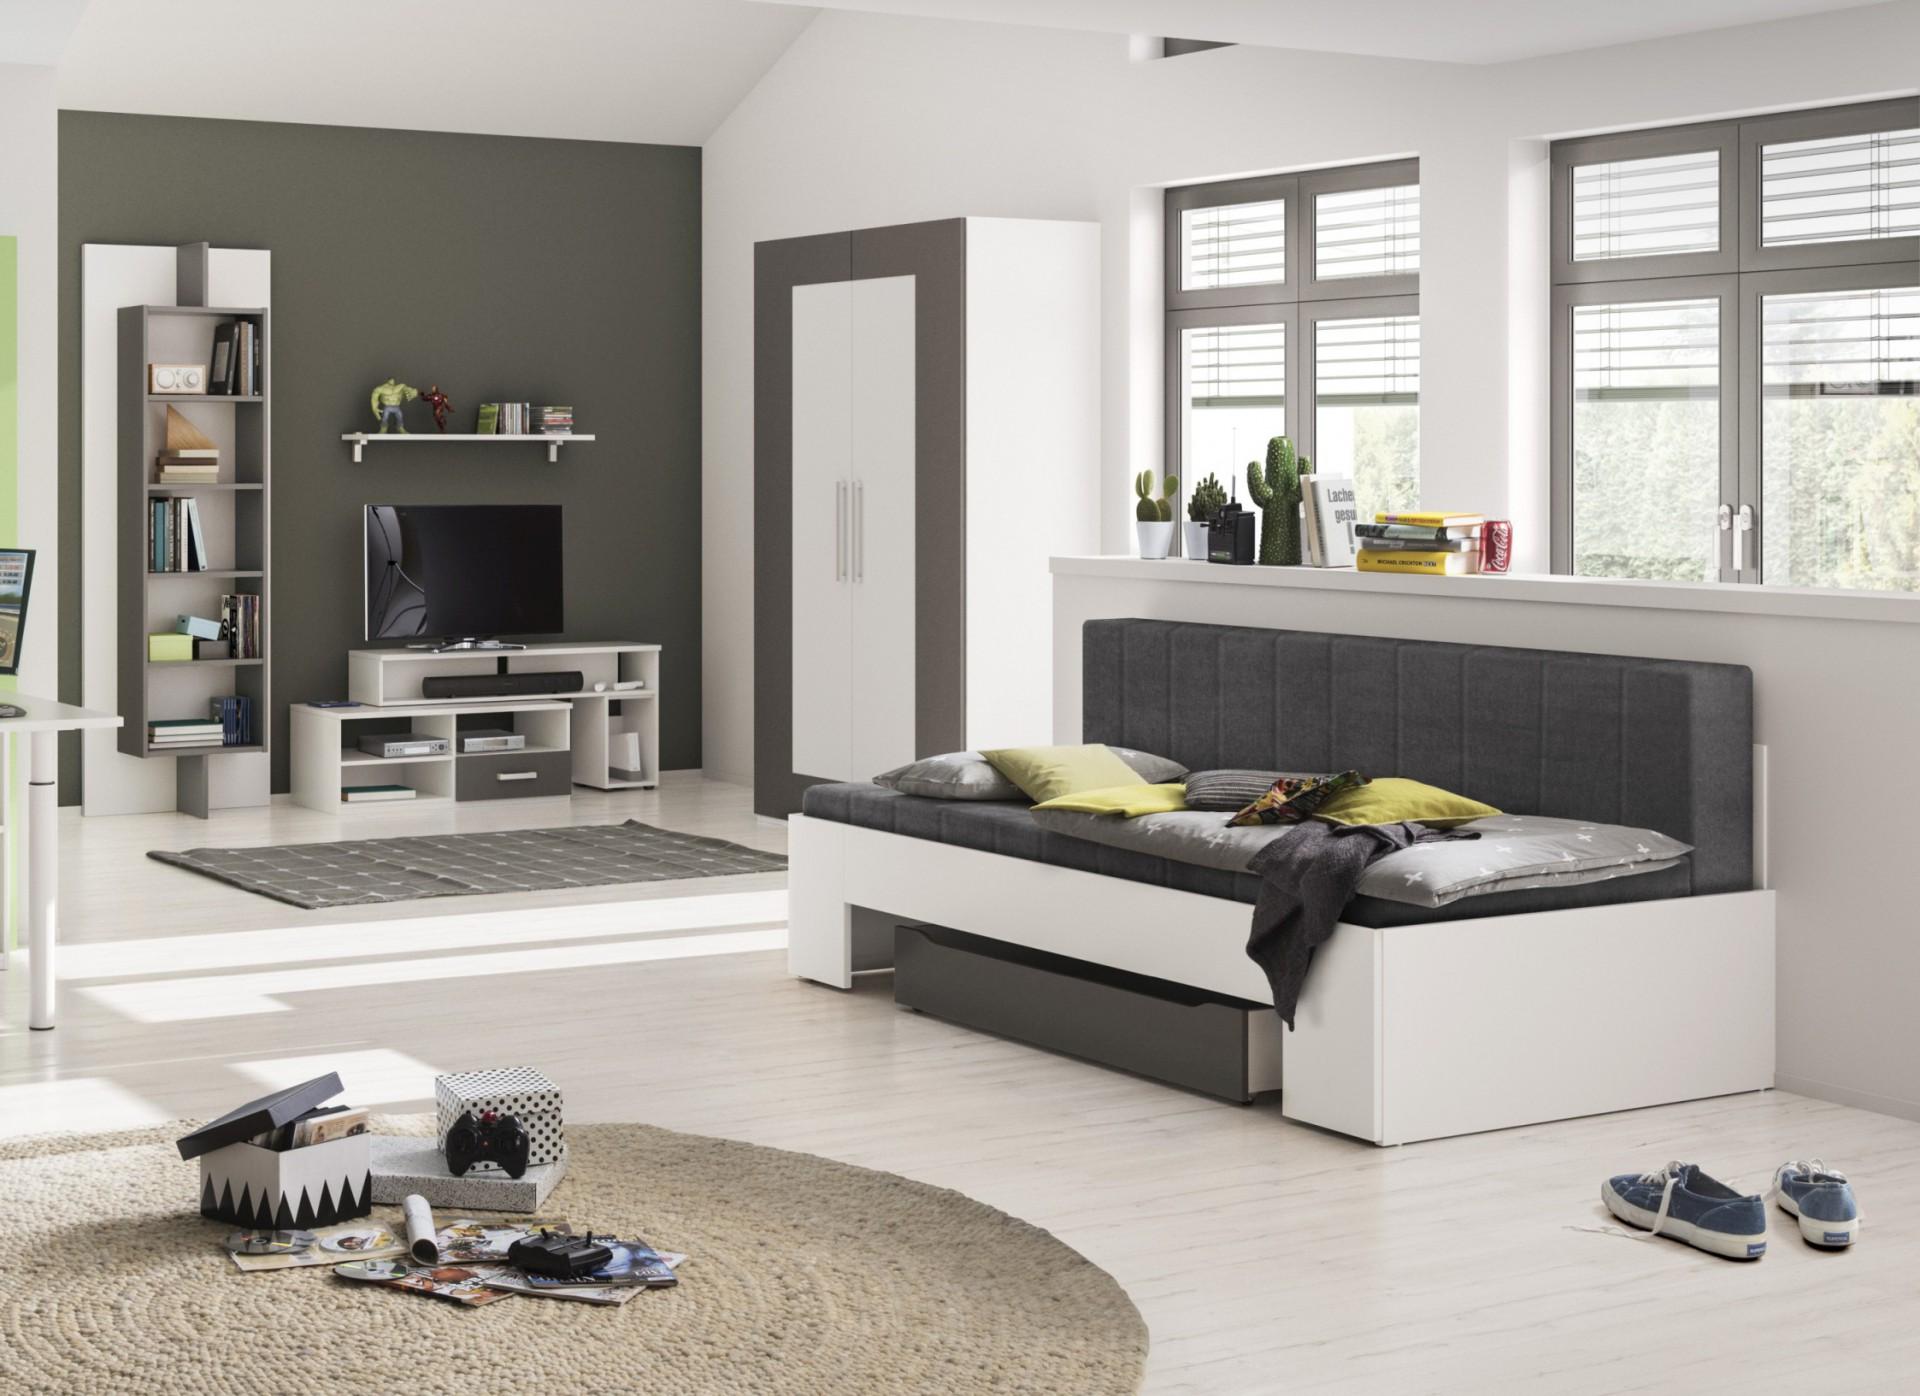 Sofabett für jugendzimmer  Jugendzimmer - Produkte - handlwohnen.at